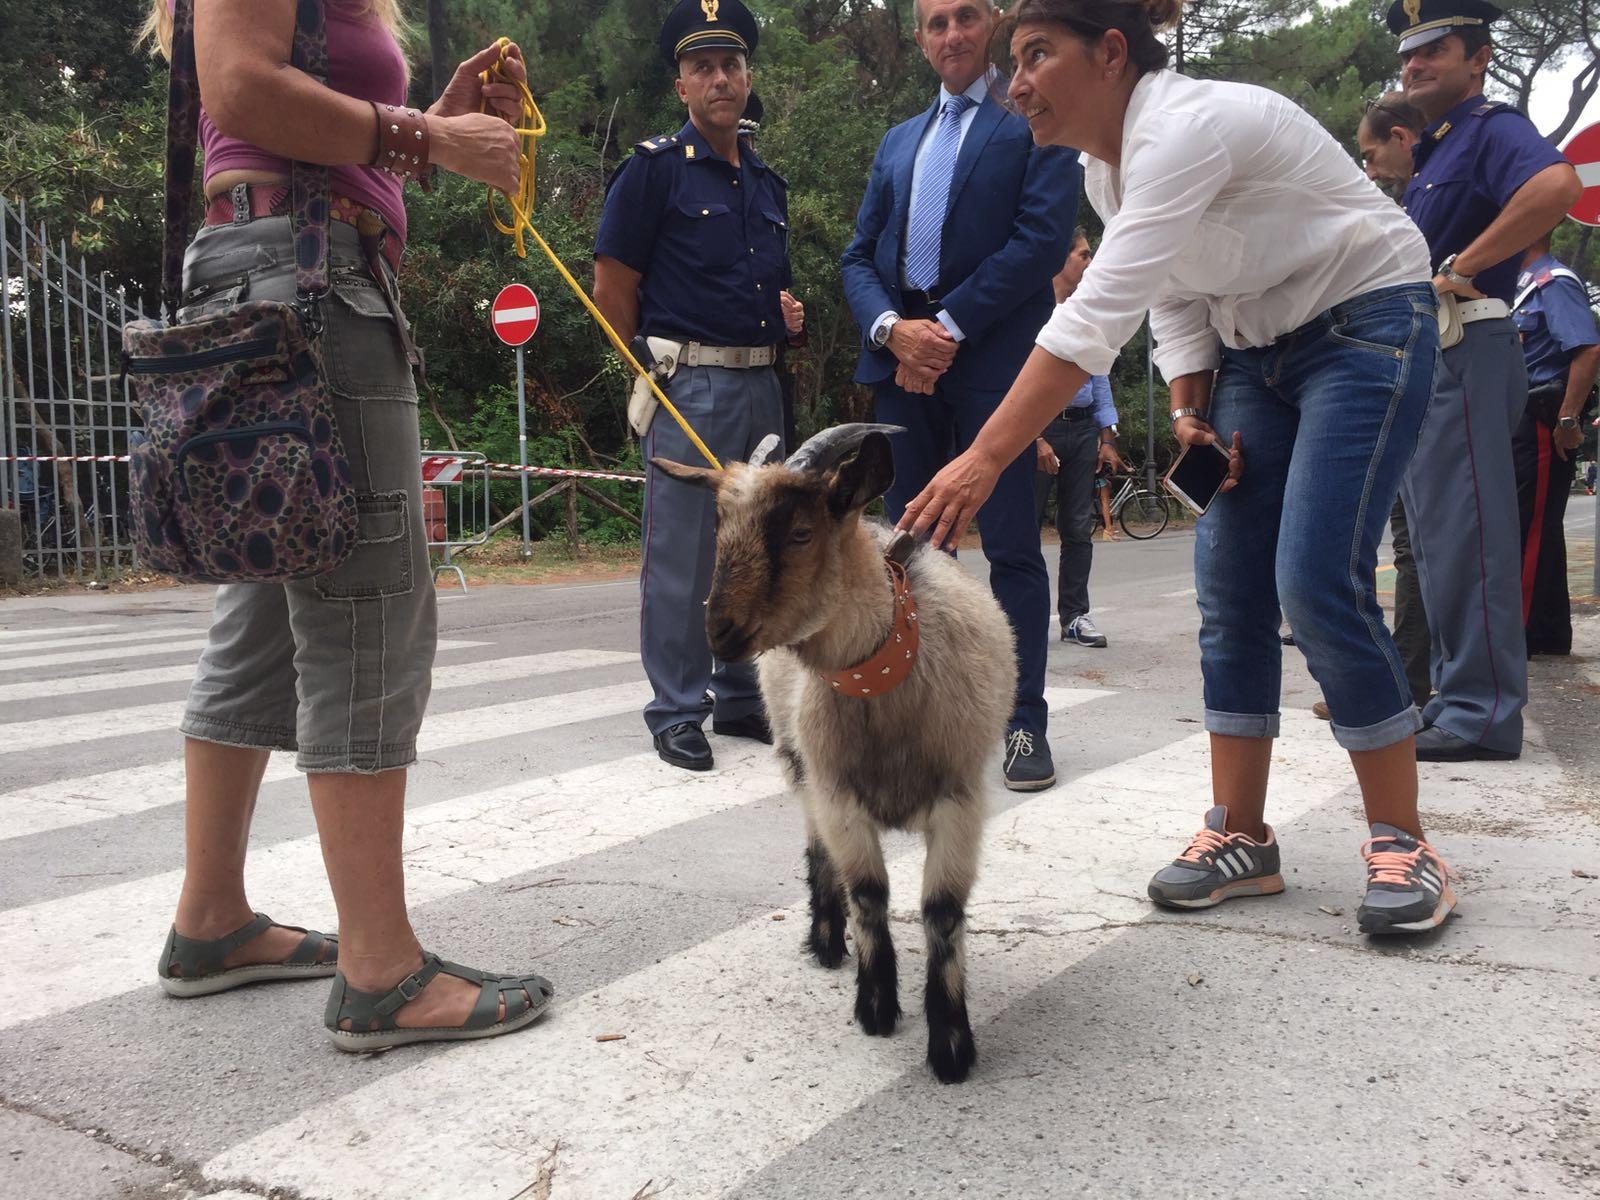 Alla Versiliana con una capra al guinzaglio